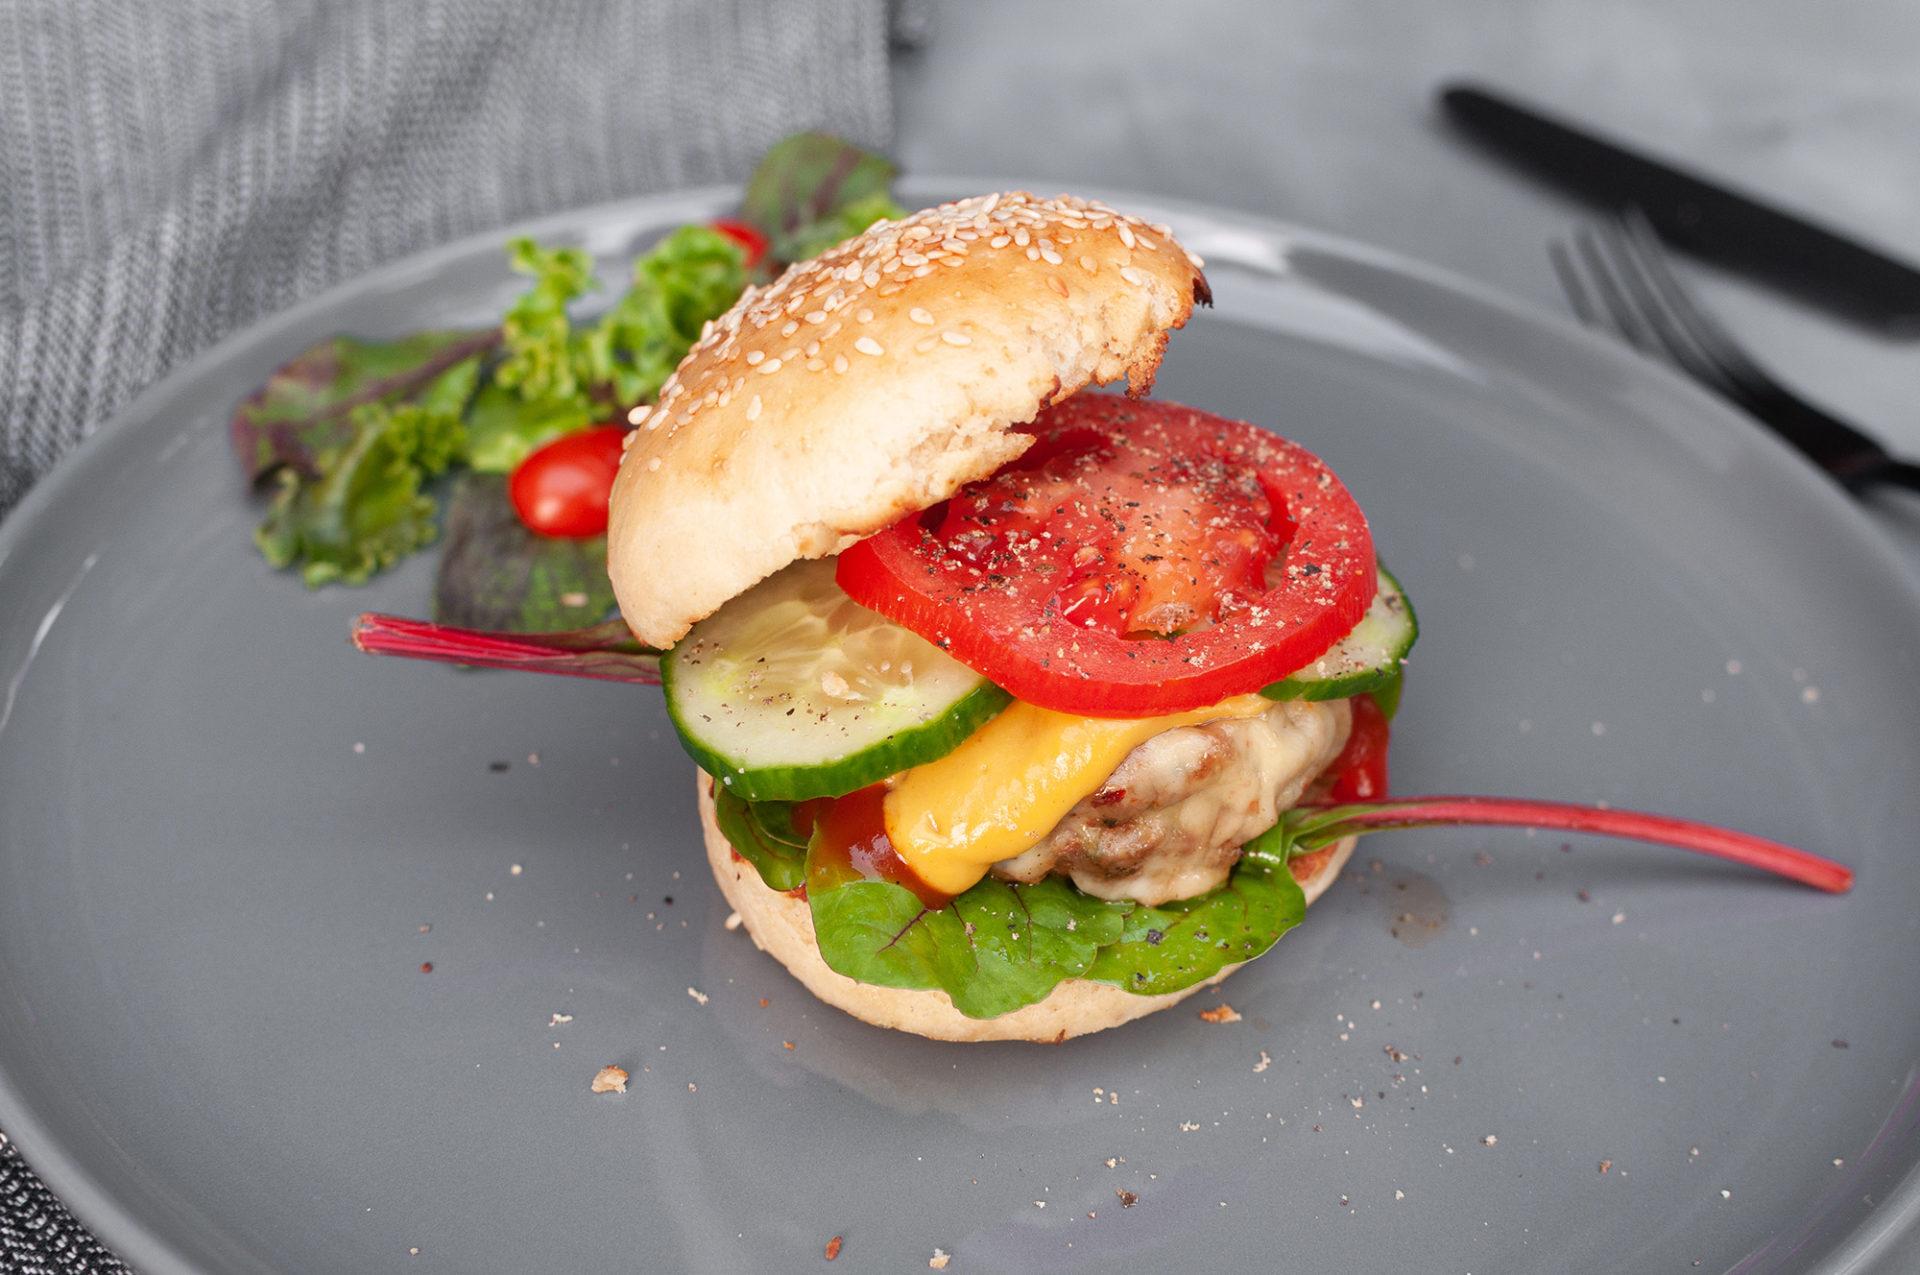 Bärlauch-Burger mit selbstgemachten Burger-Buns